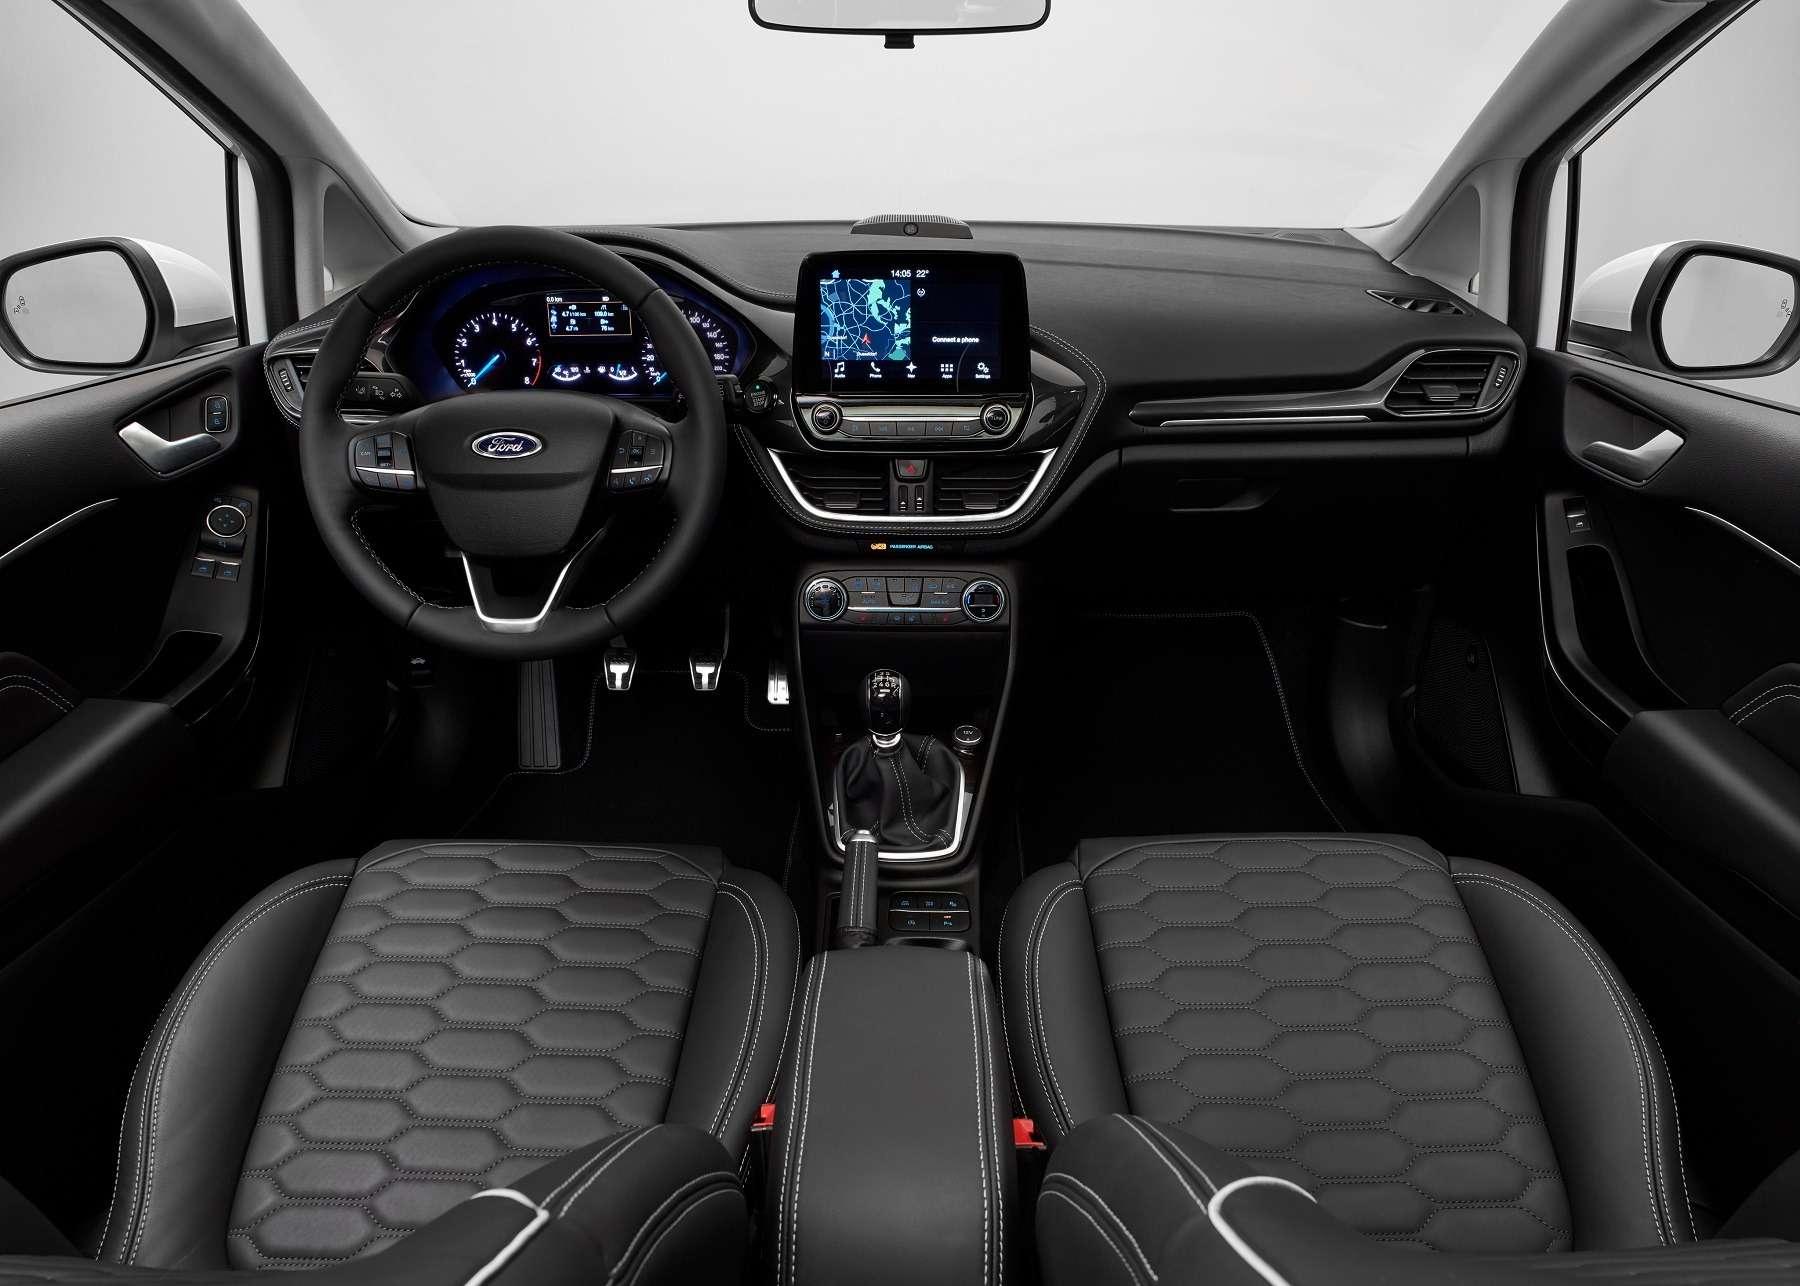 Кросс-вирус иторжество технологий: Ford представил новый хэтчбек Fiesta— фото 671294